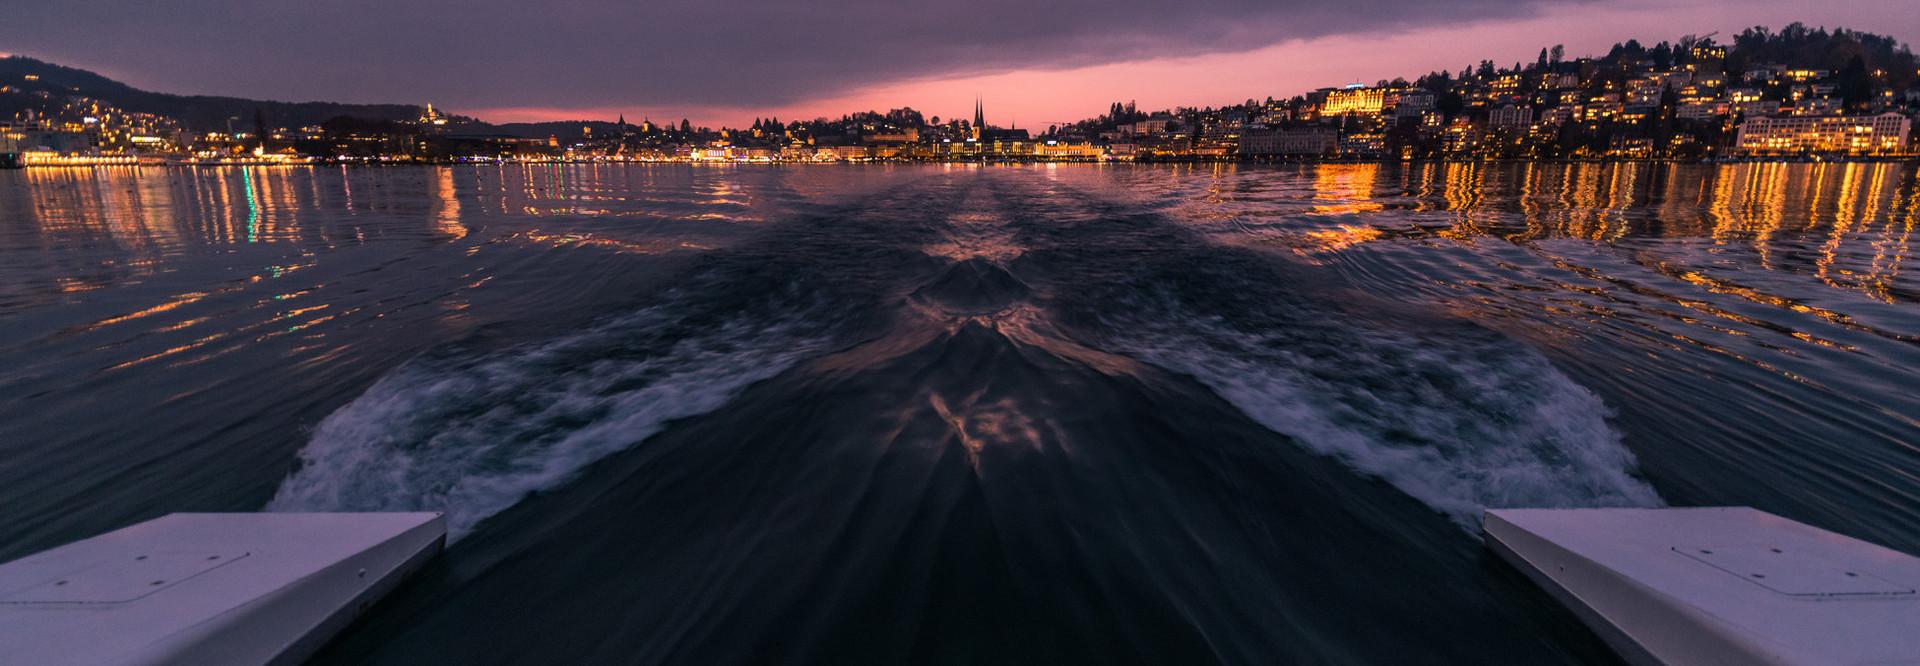 Auch gegen Abend ist eine Schifffahrt auf dem Vierwaldstättersee einzigartig.